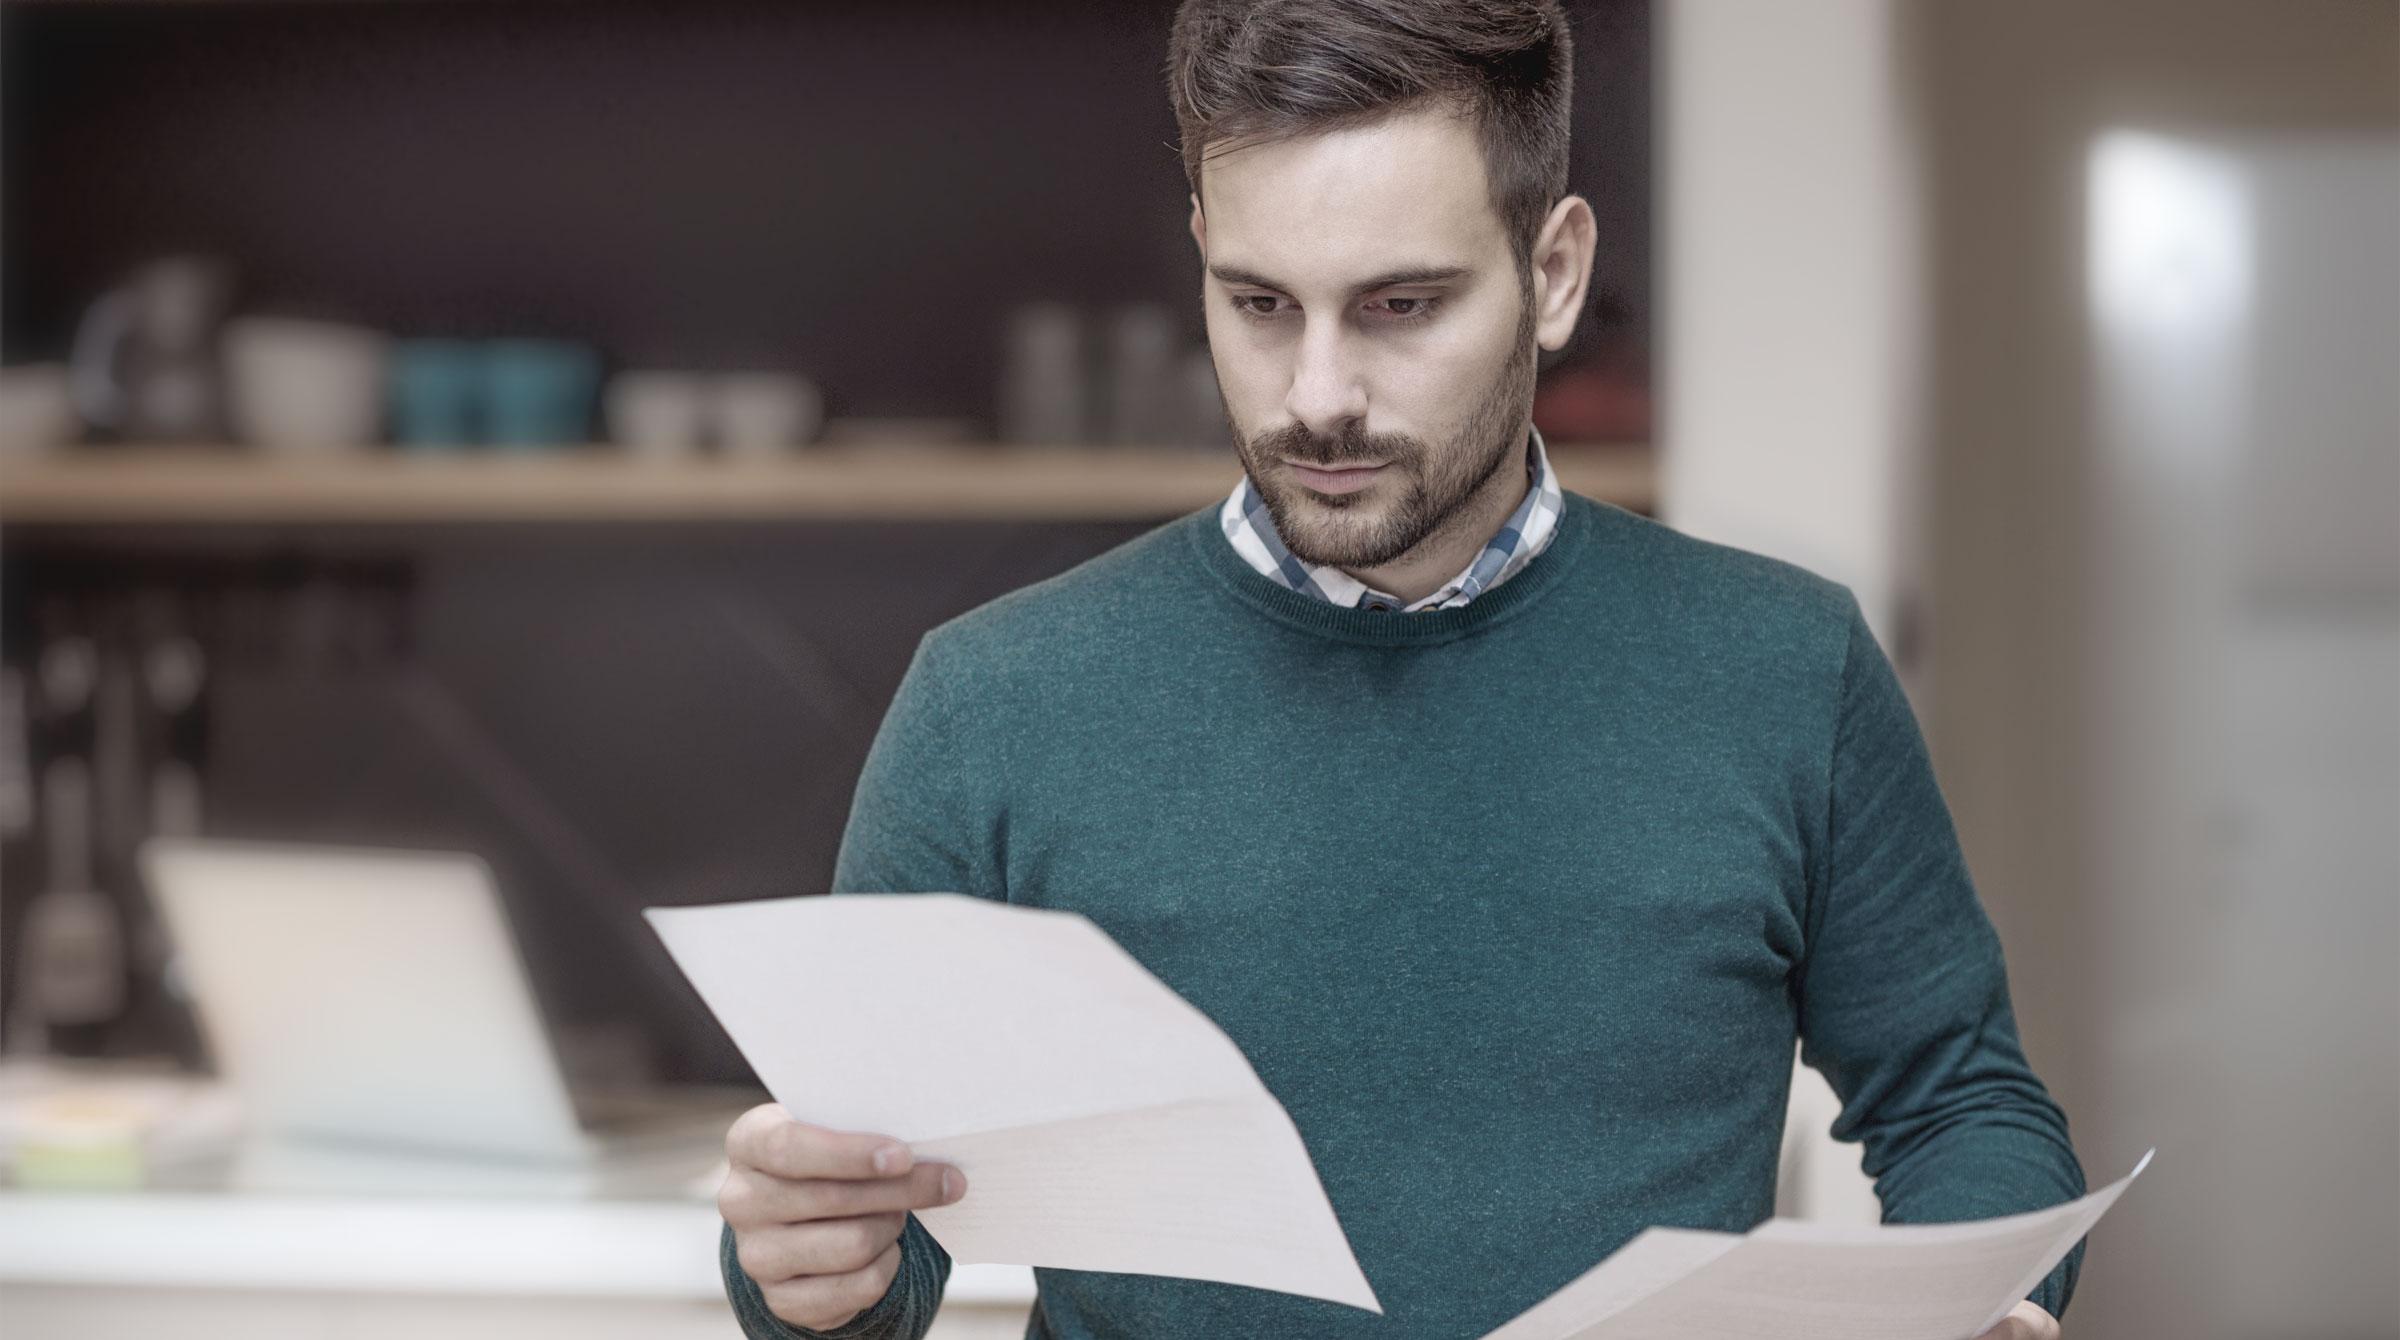 Introbild Leistungen Rechtsschutz